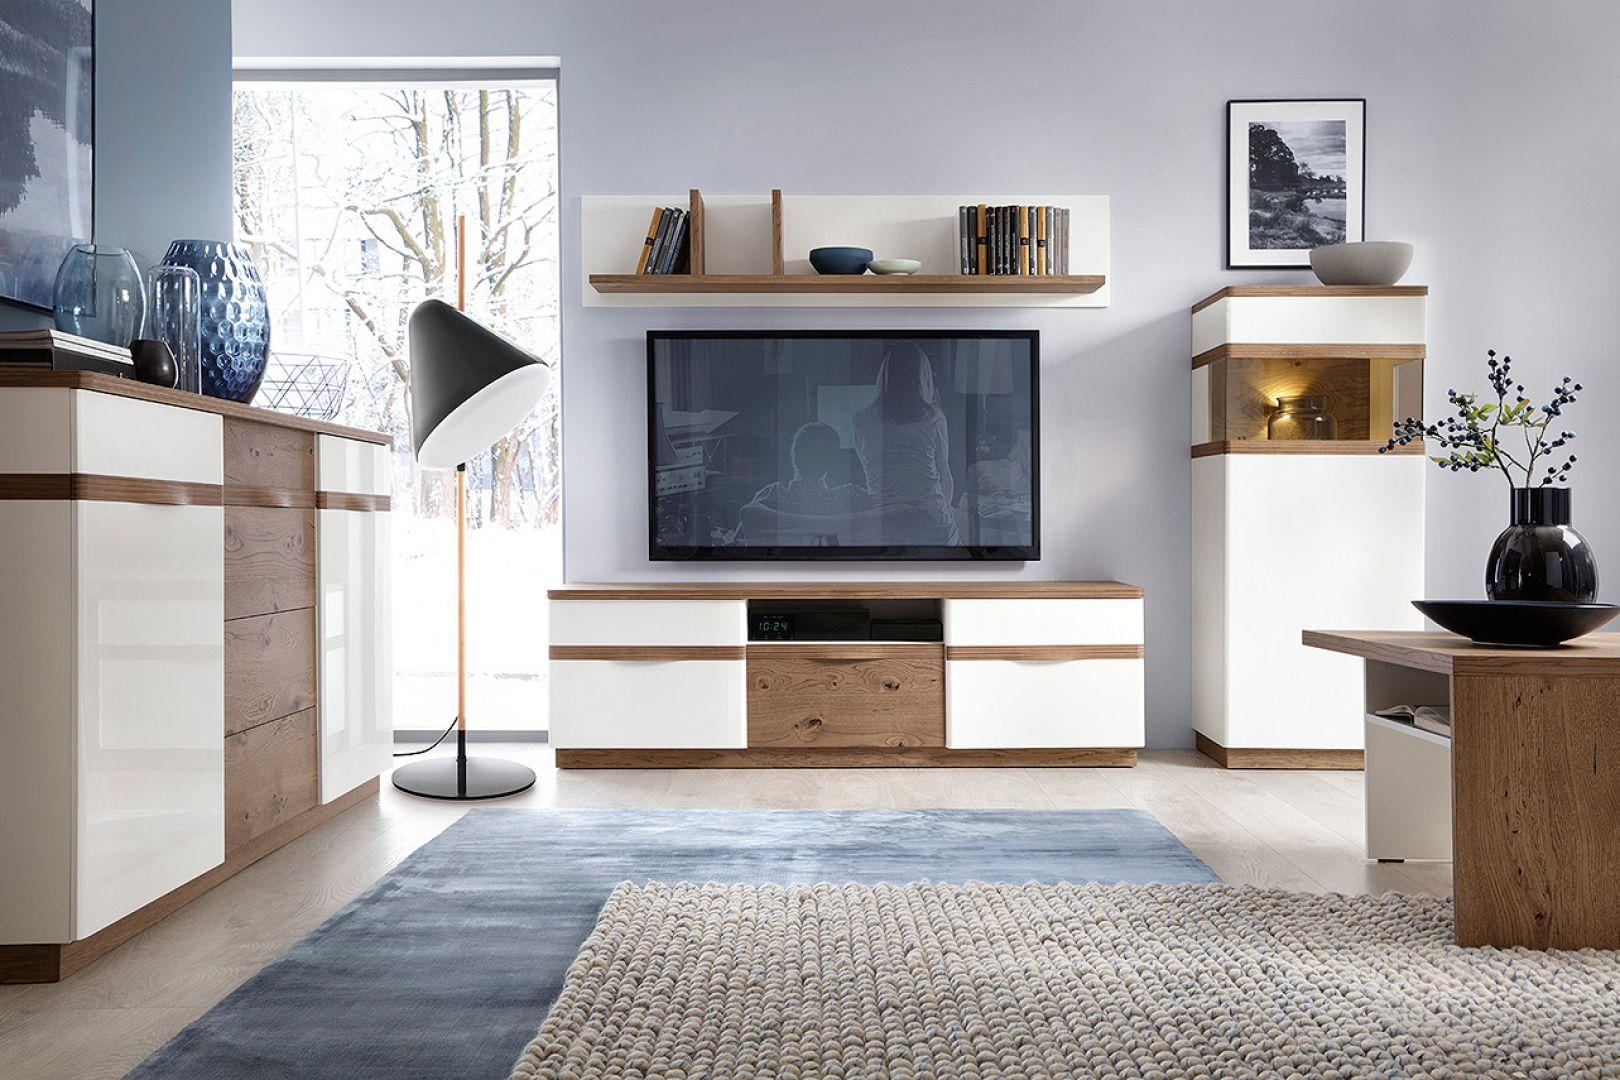 Meble RTV mogą stanowić również 2-elementowy zestaw: stojąca szafka na urządzenie do odtwarzania i wiszący panel na ekran. Fot. Taranko